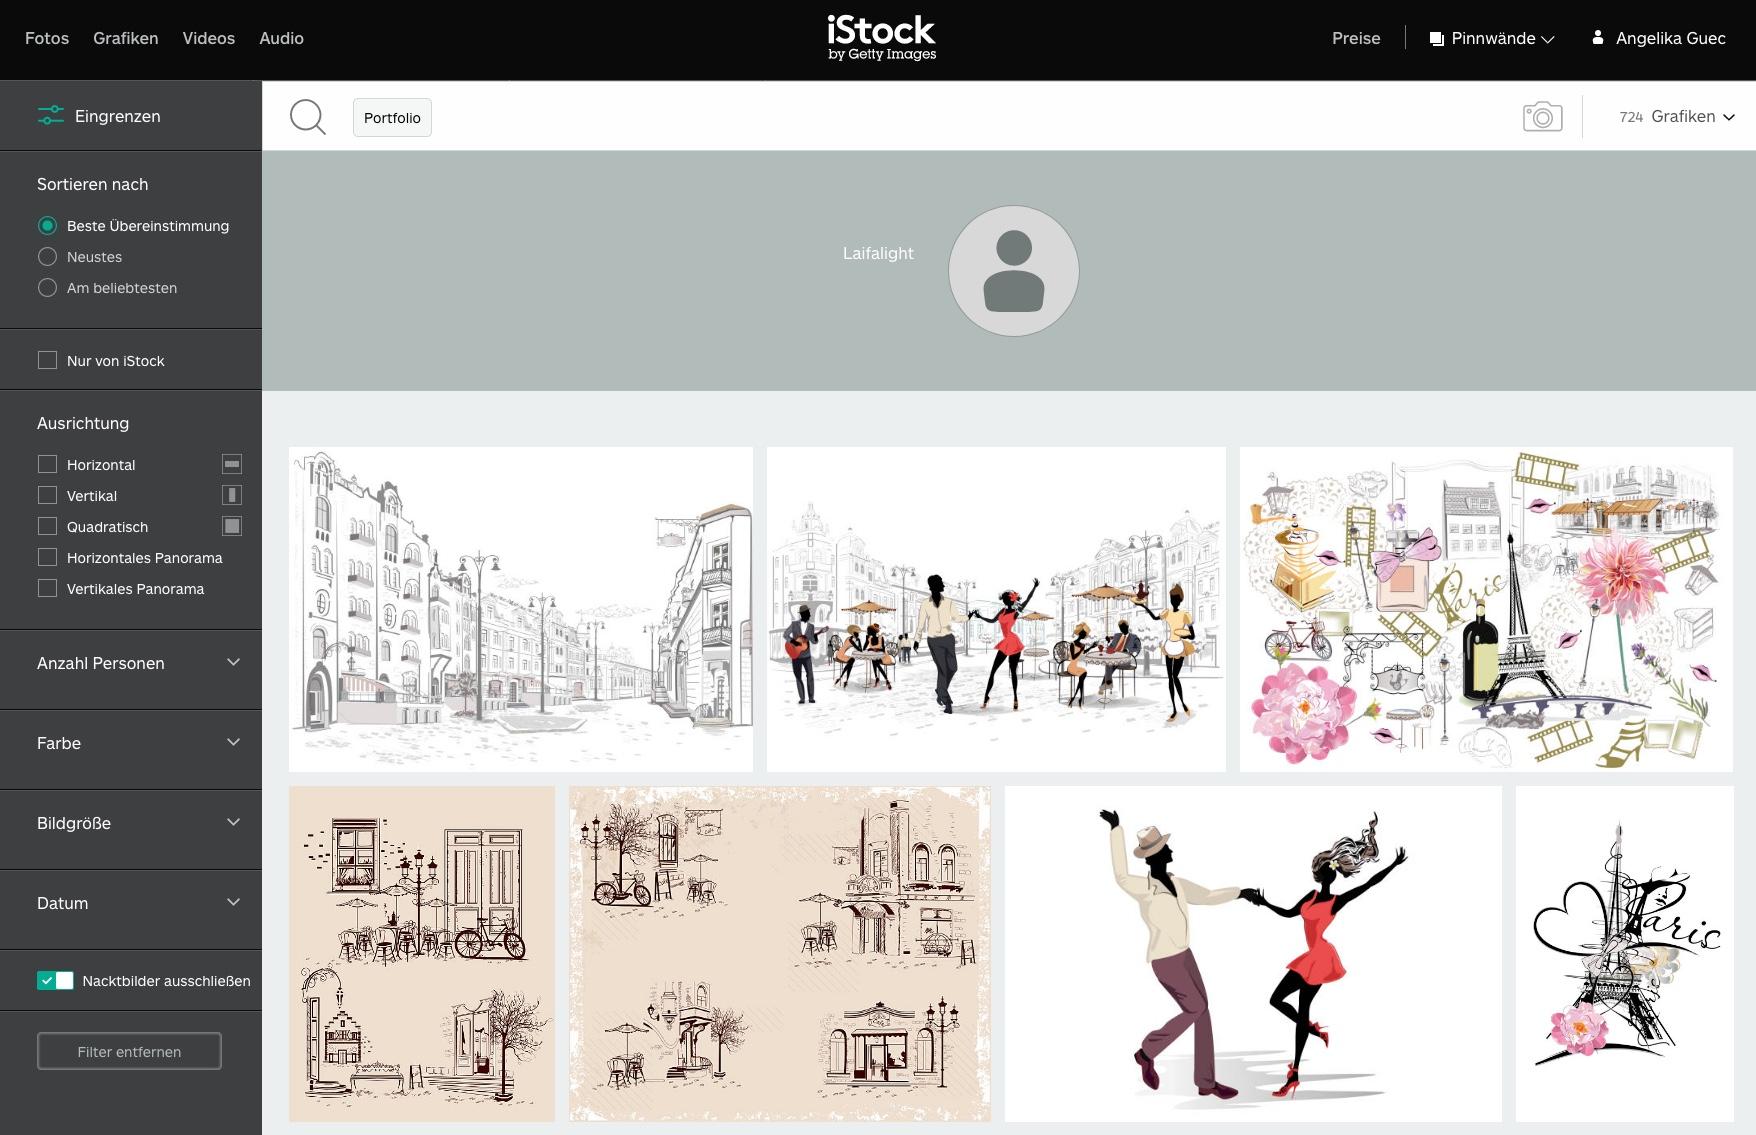 Mit klick auf den Urheber wird das gesamte portfolio des künstlers angezeigt. Das ergebnis: einheitliche zeichnungen im gleichen look. Quelle: https://www.istockphoto.com/de